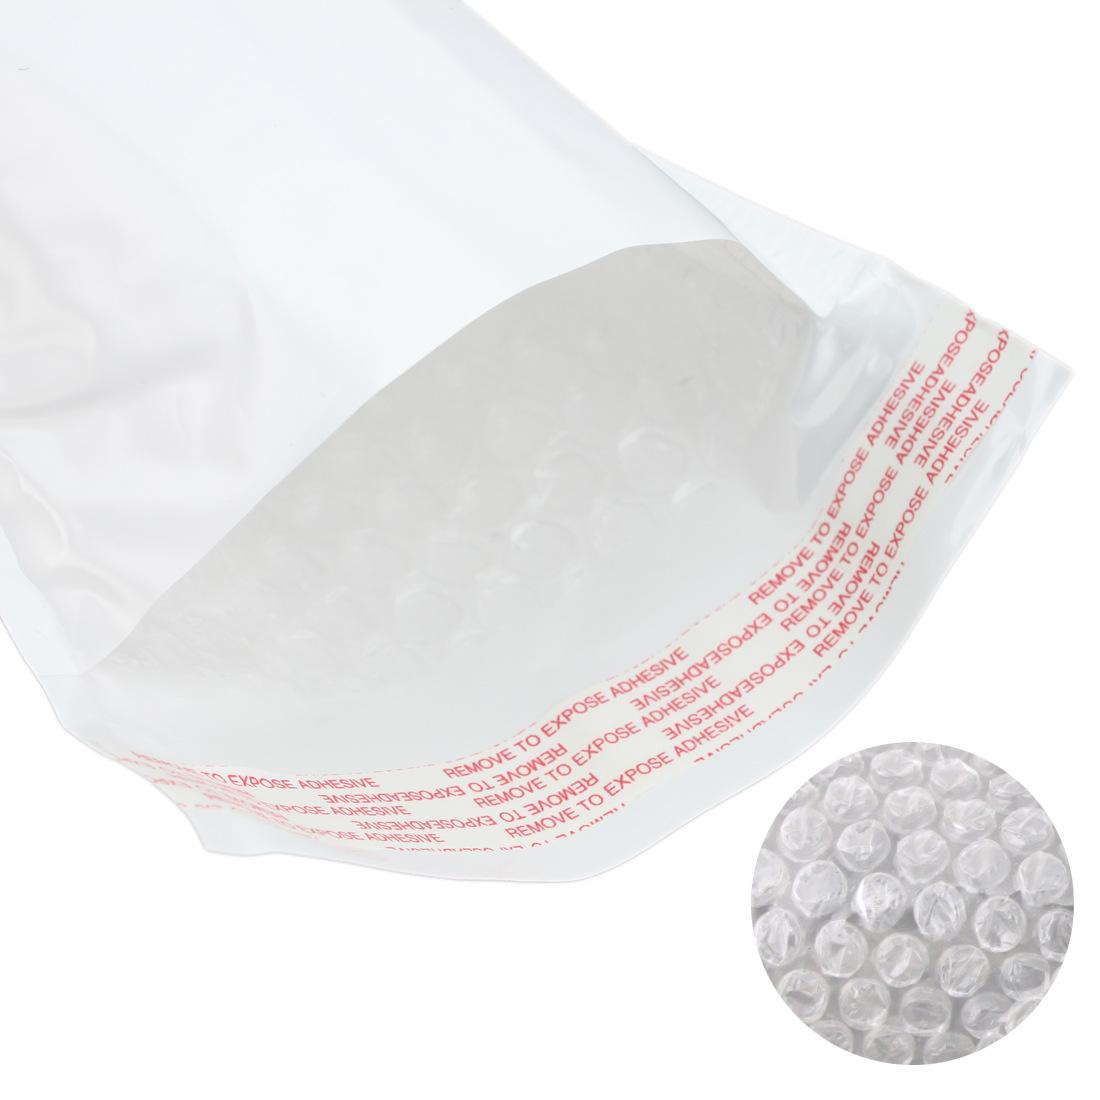 Phong bì bong bóng chống sốc khi vận chuyển hàng hóa .